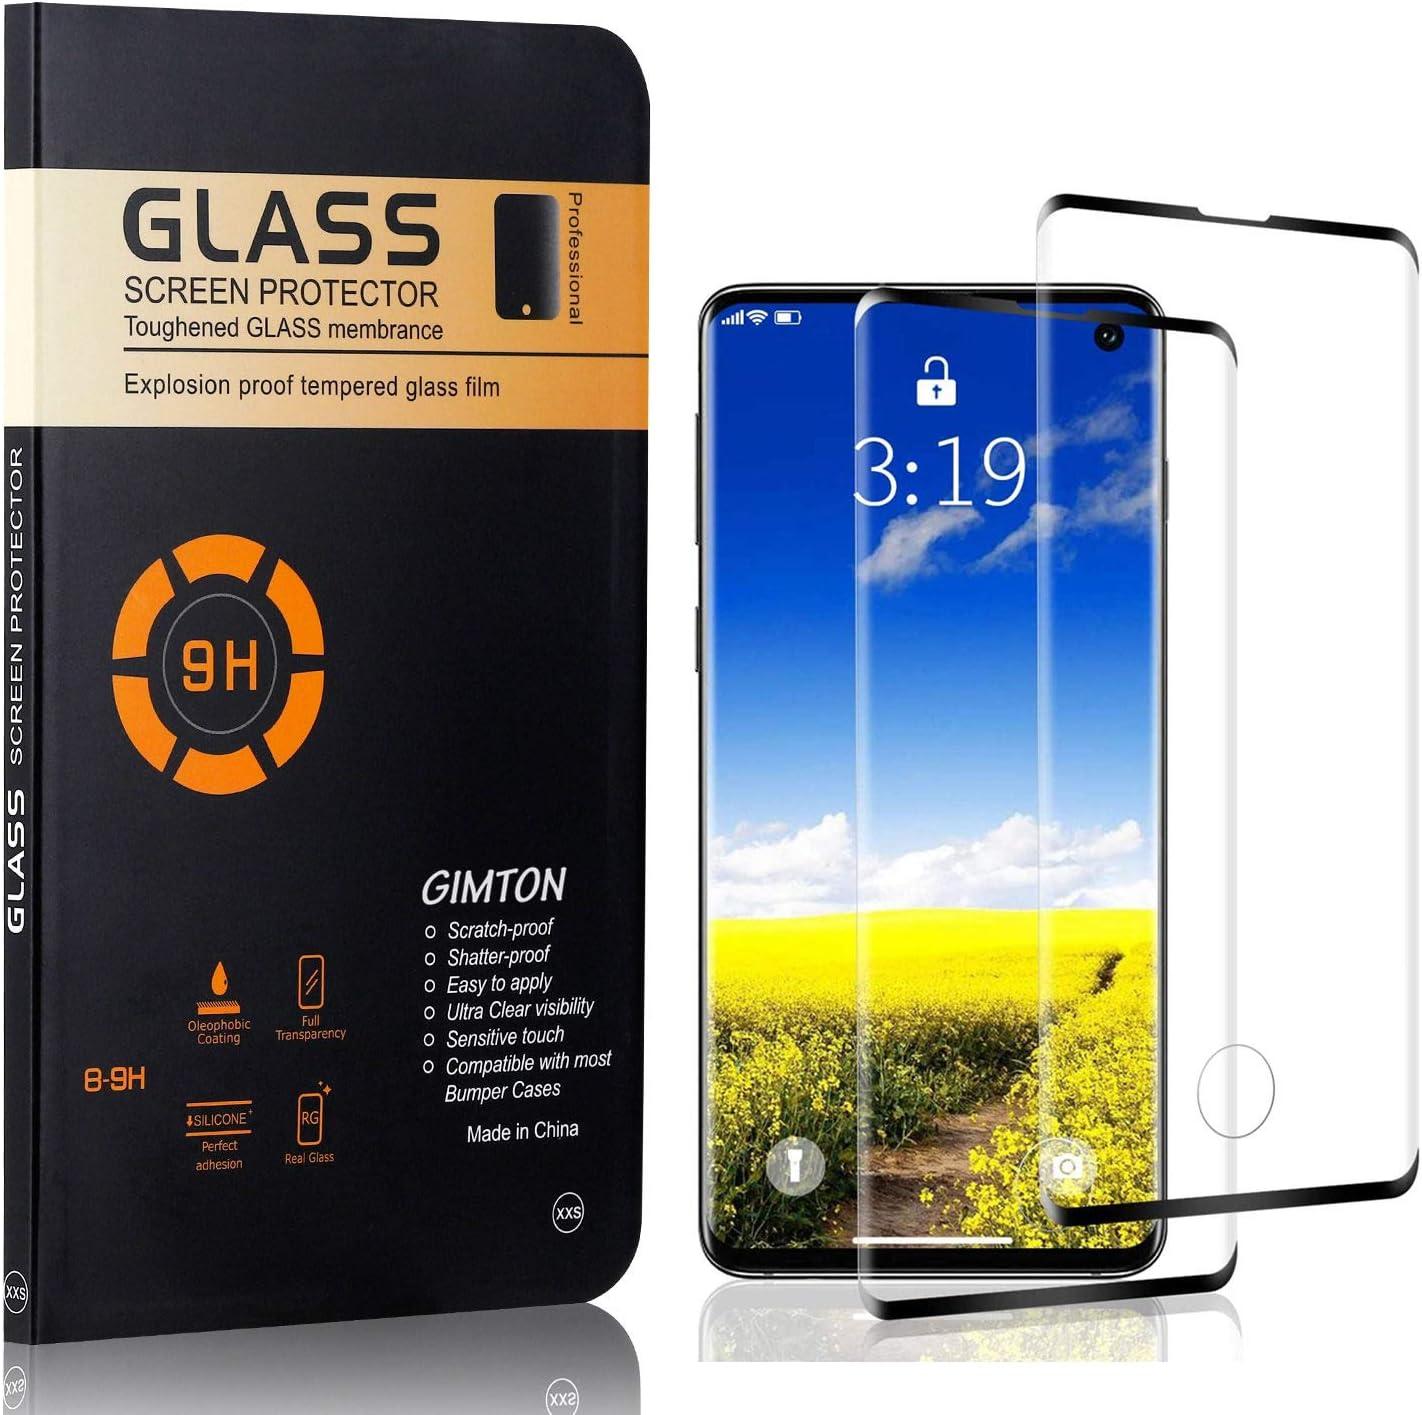 Duret/é 9H Protection en Verre Tremp/é /Écran pour Samsung Galaxy S10 GIMTON Verre Tremp/é pour Galaxy S10 2 Pi/èces Ultra Transparent sans Poussi/ère